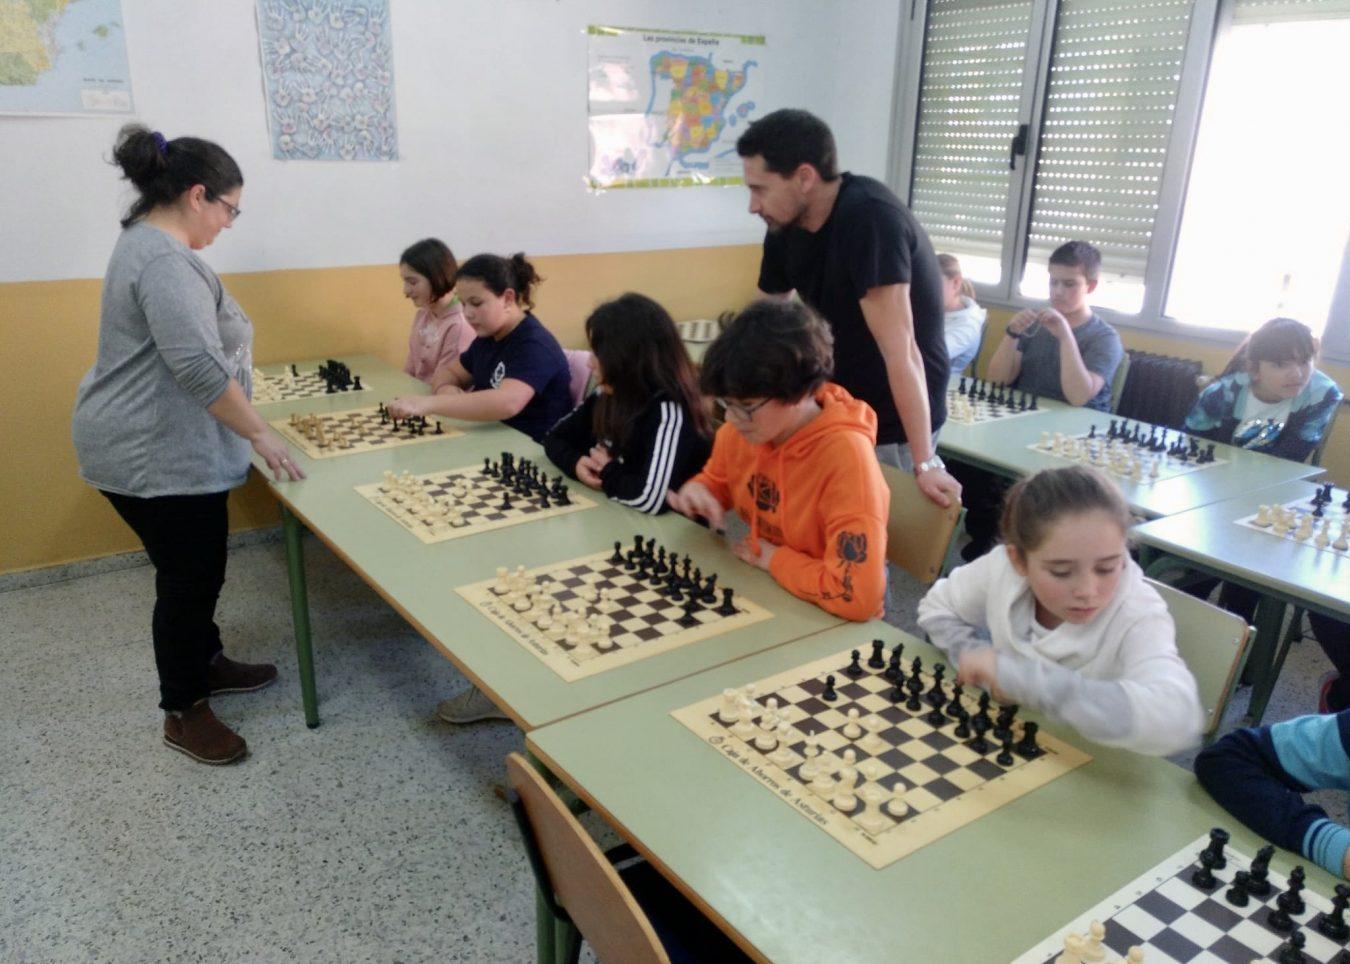 Alfiles, caballos, torres y peones reinan en las aulas del Colegio Público de Ribadesella